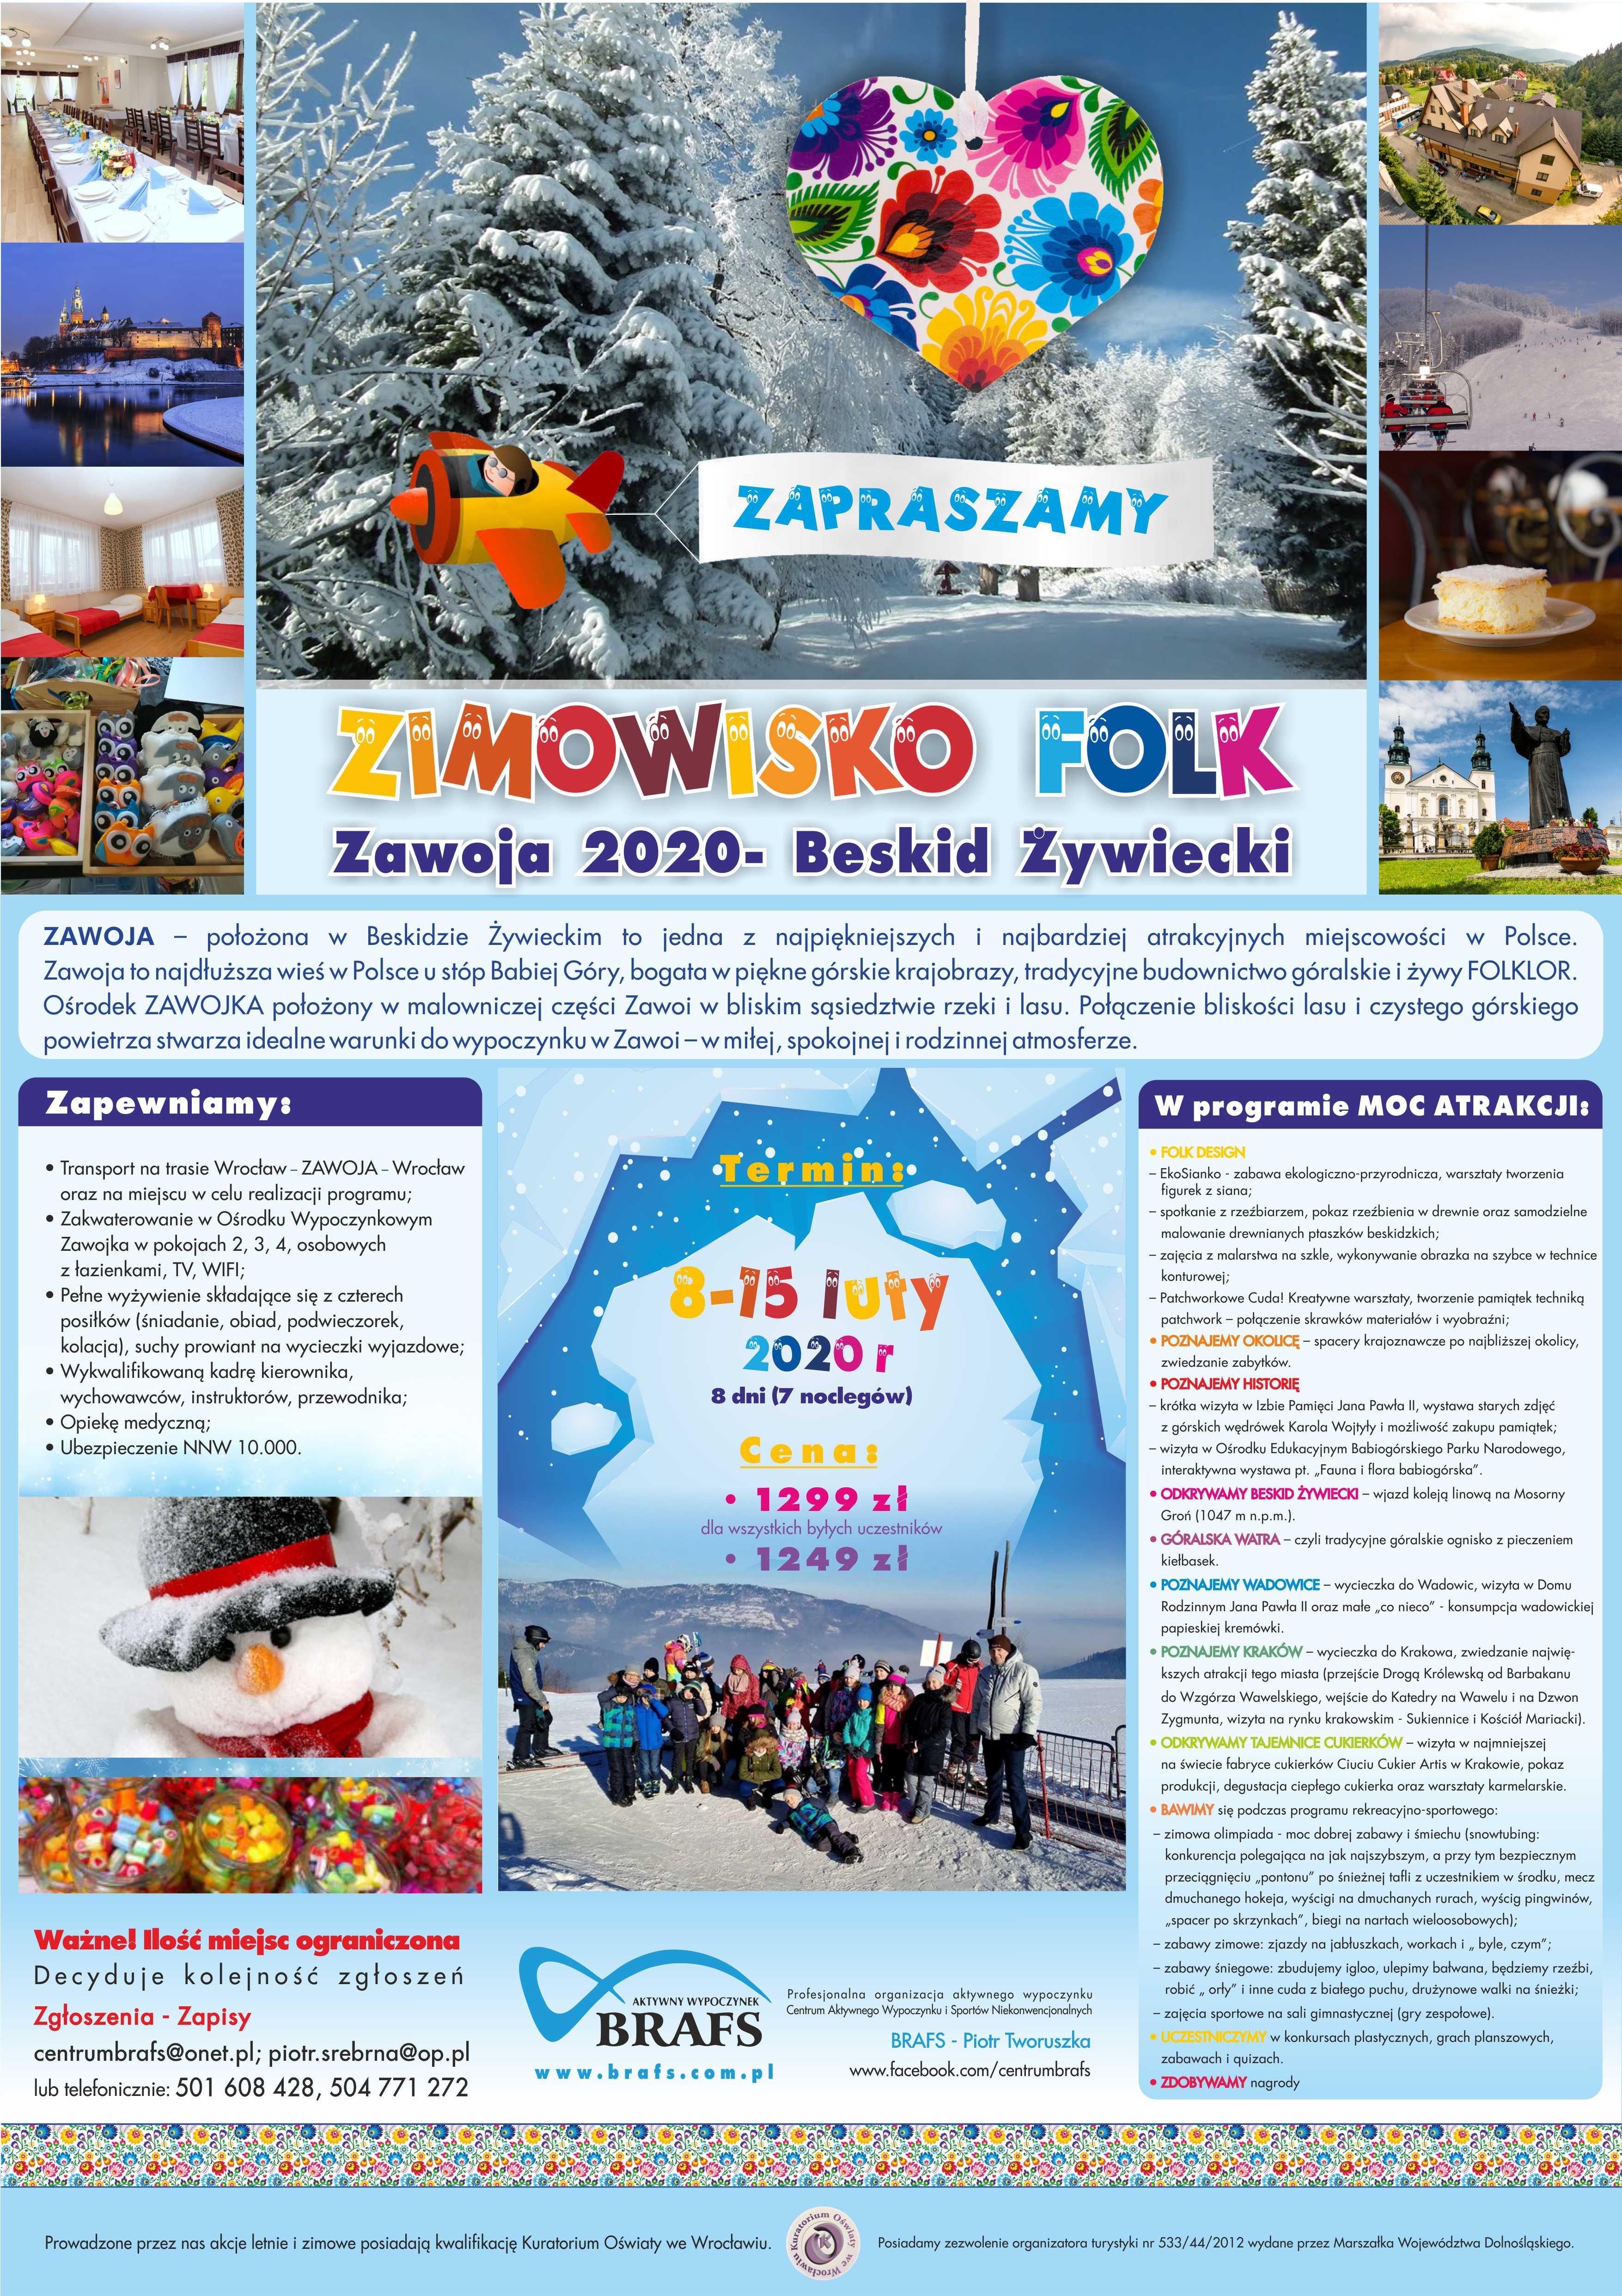 Zimowisko_folk_plakat